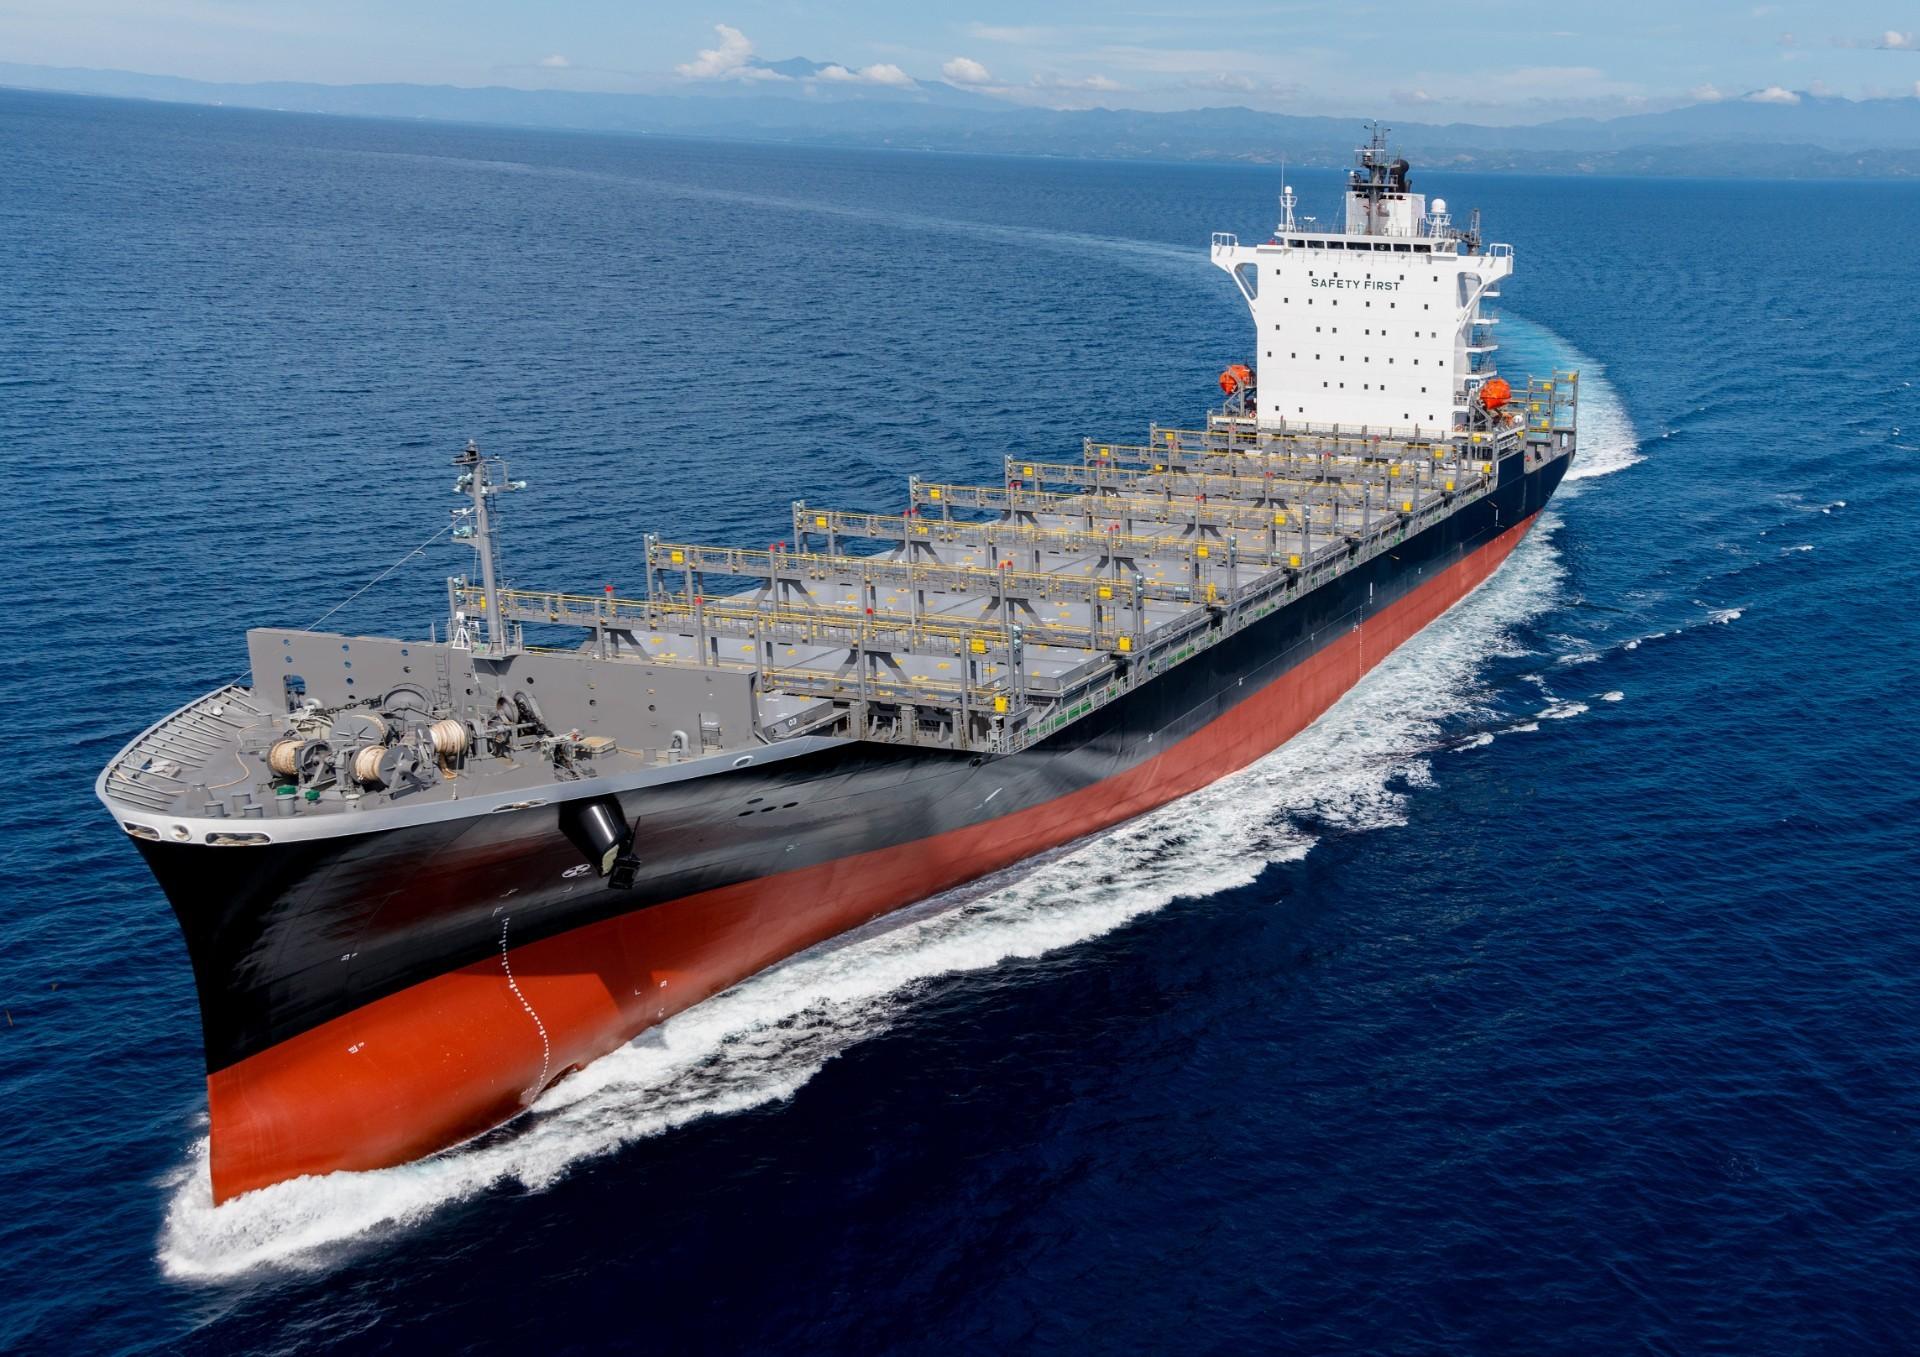 常石造船 フィリピン拠点で初建造の新船型 1,900TEU型コンテナ運搬船を引渡し ~バンコクマックスとして最大級のコンテナ積載量~